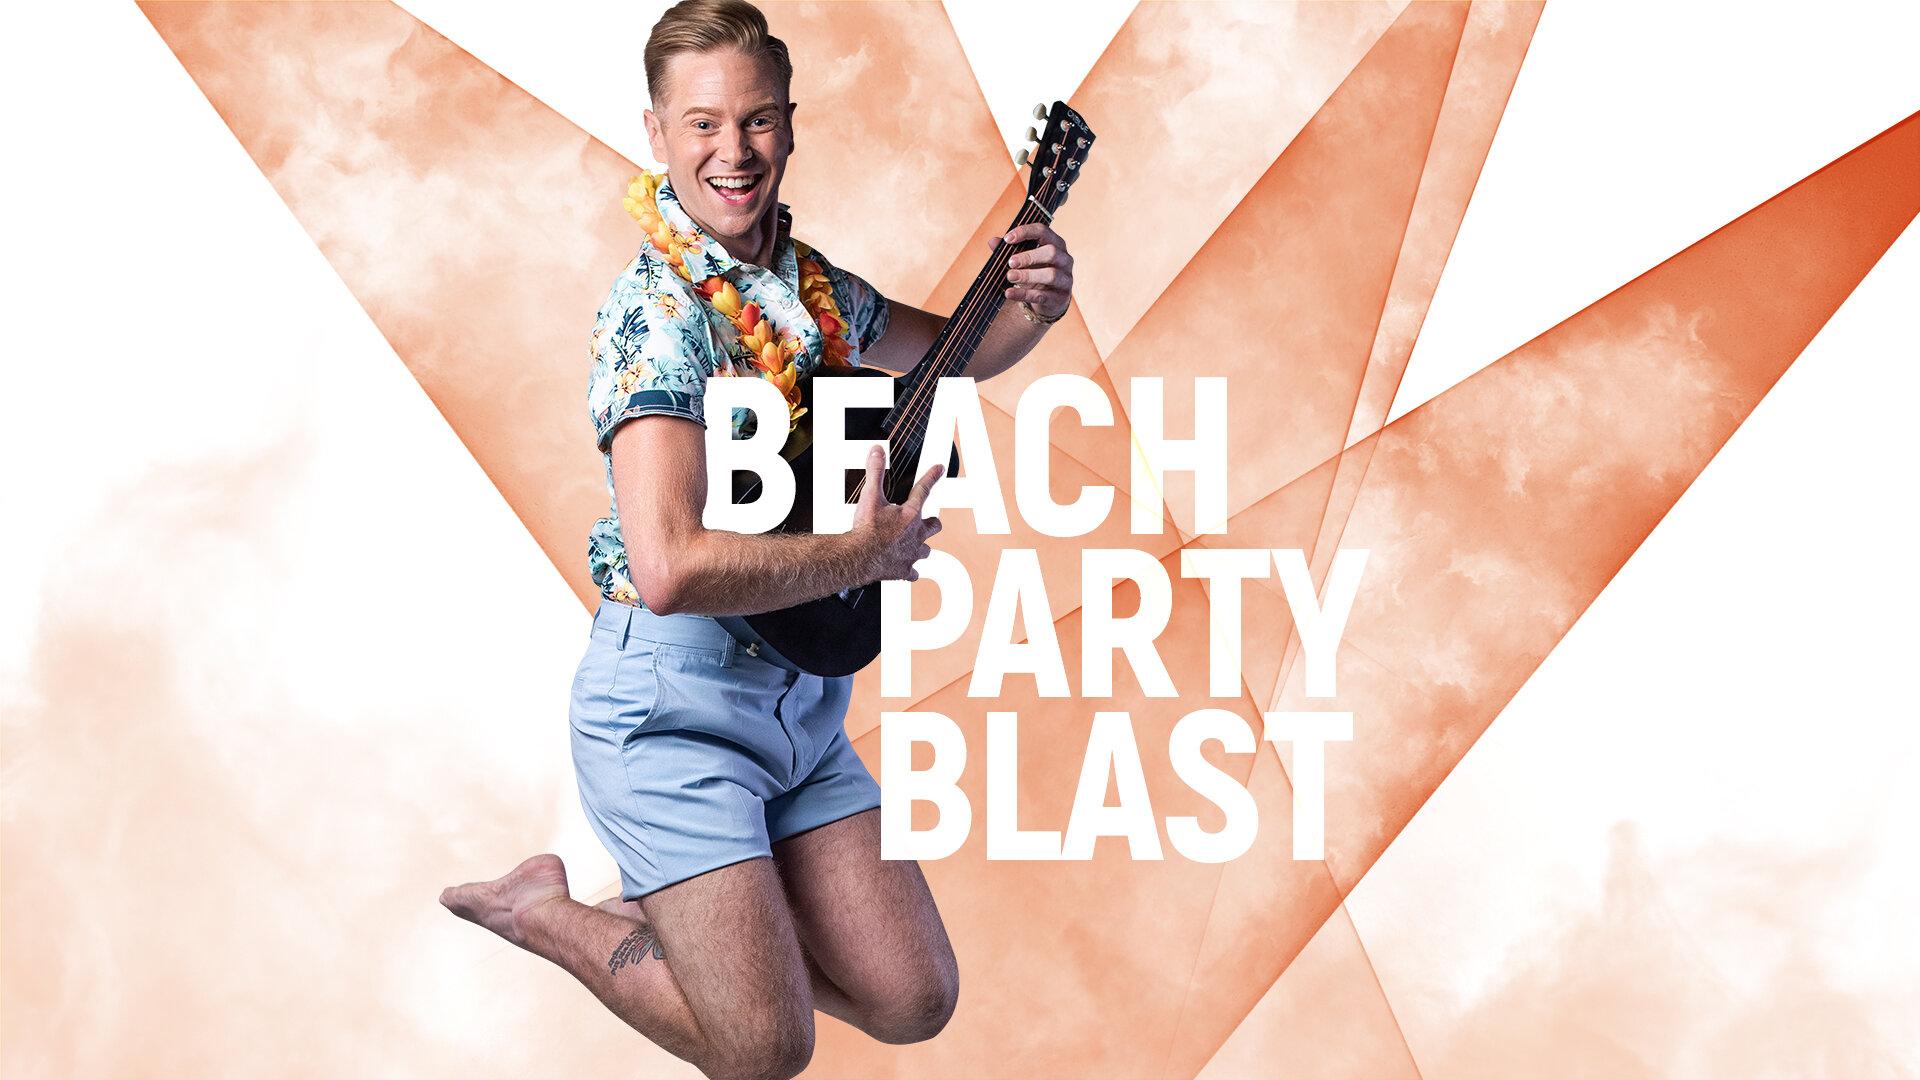 BeachPartyBlast_wide.jpg